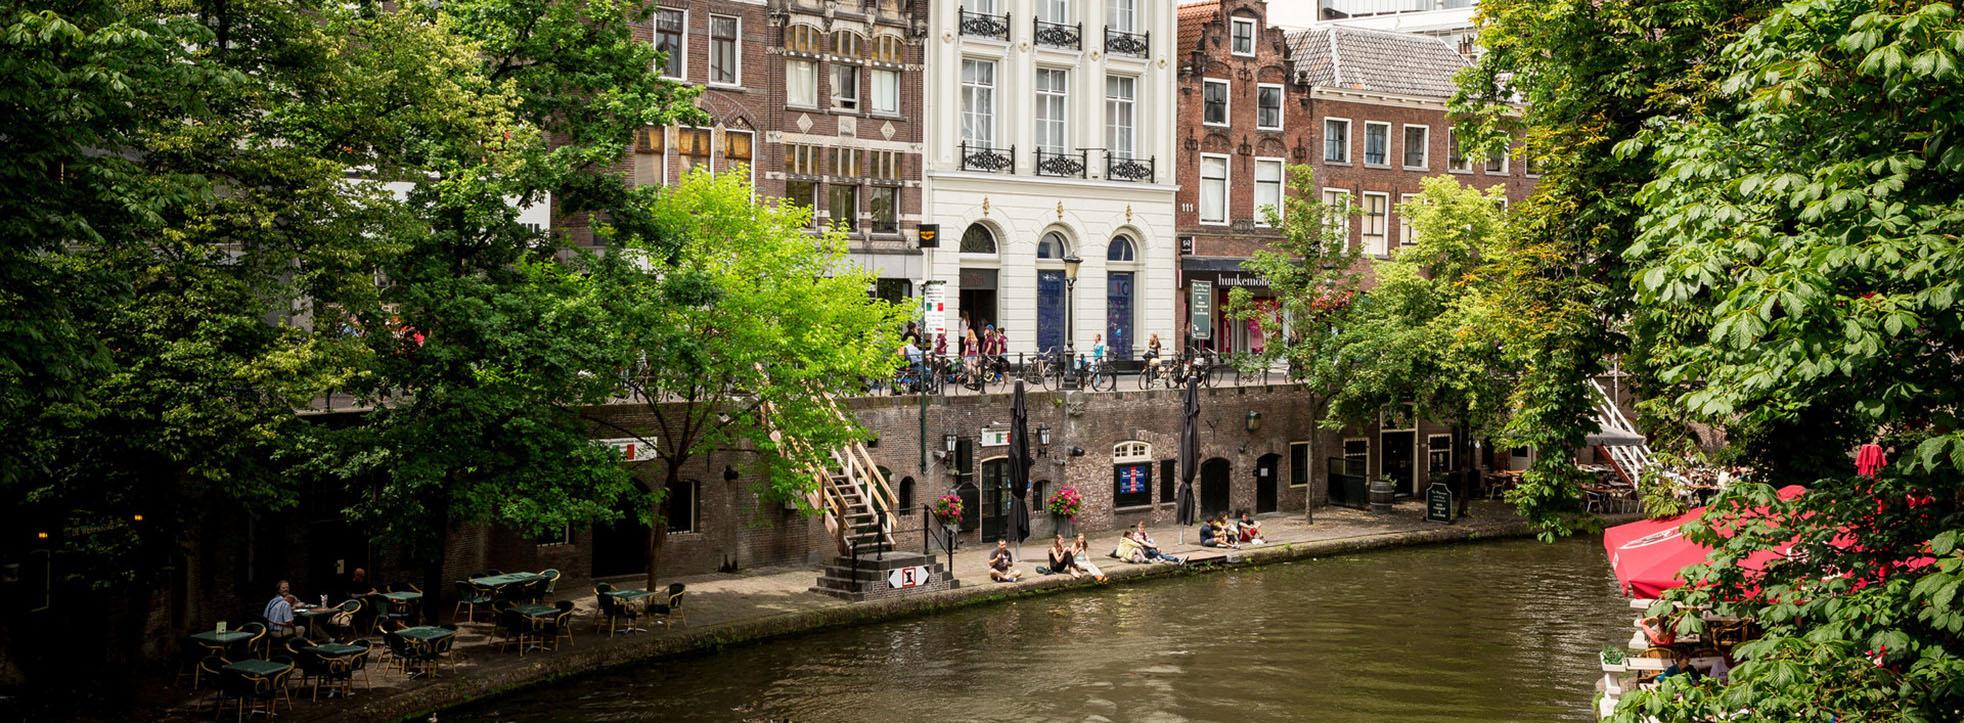 Erisgenoeg talkshow Utrecht